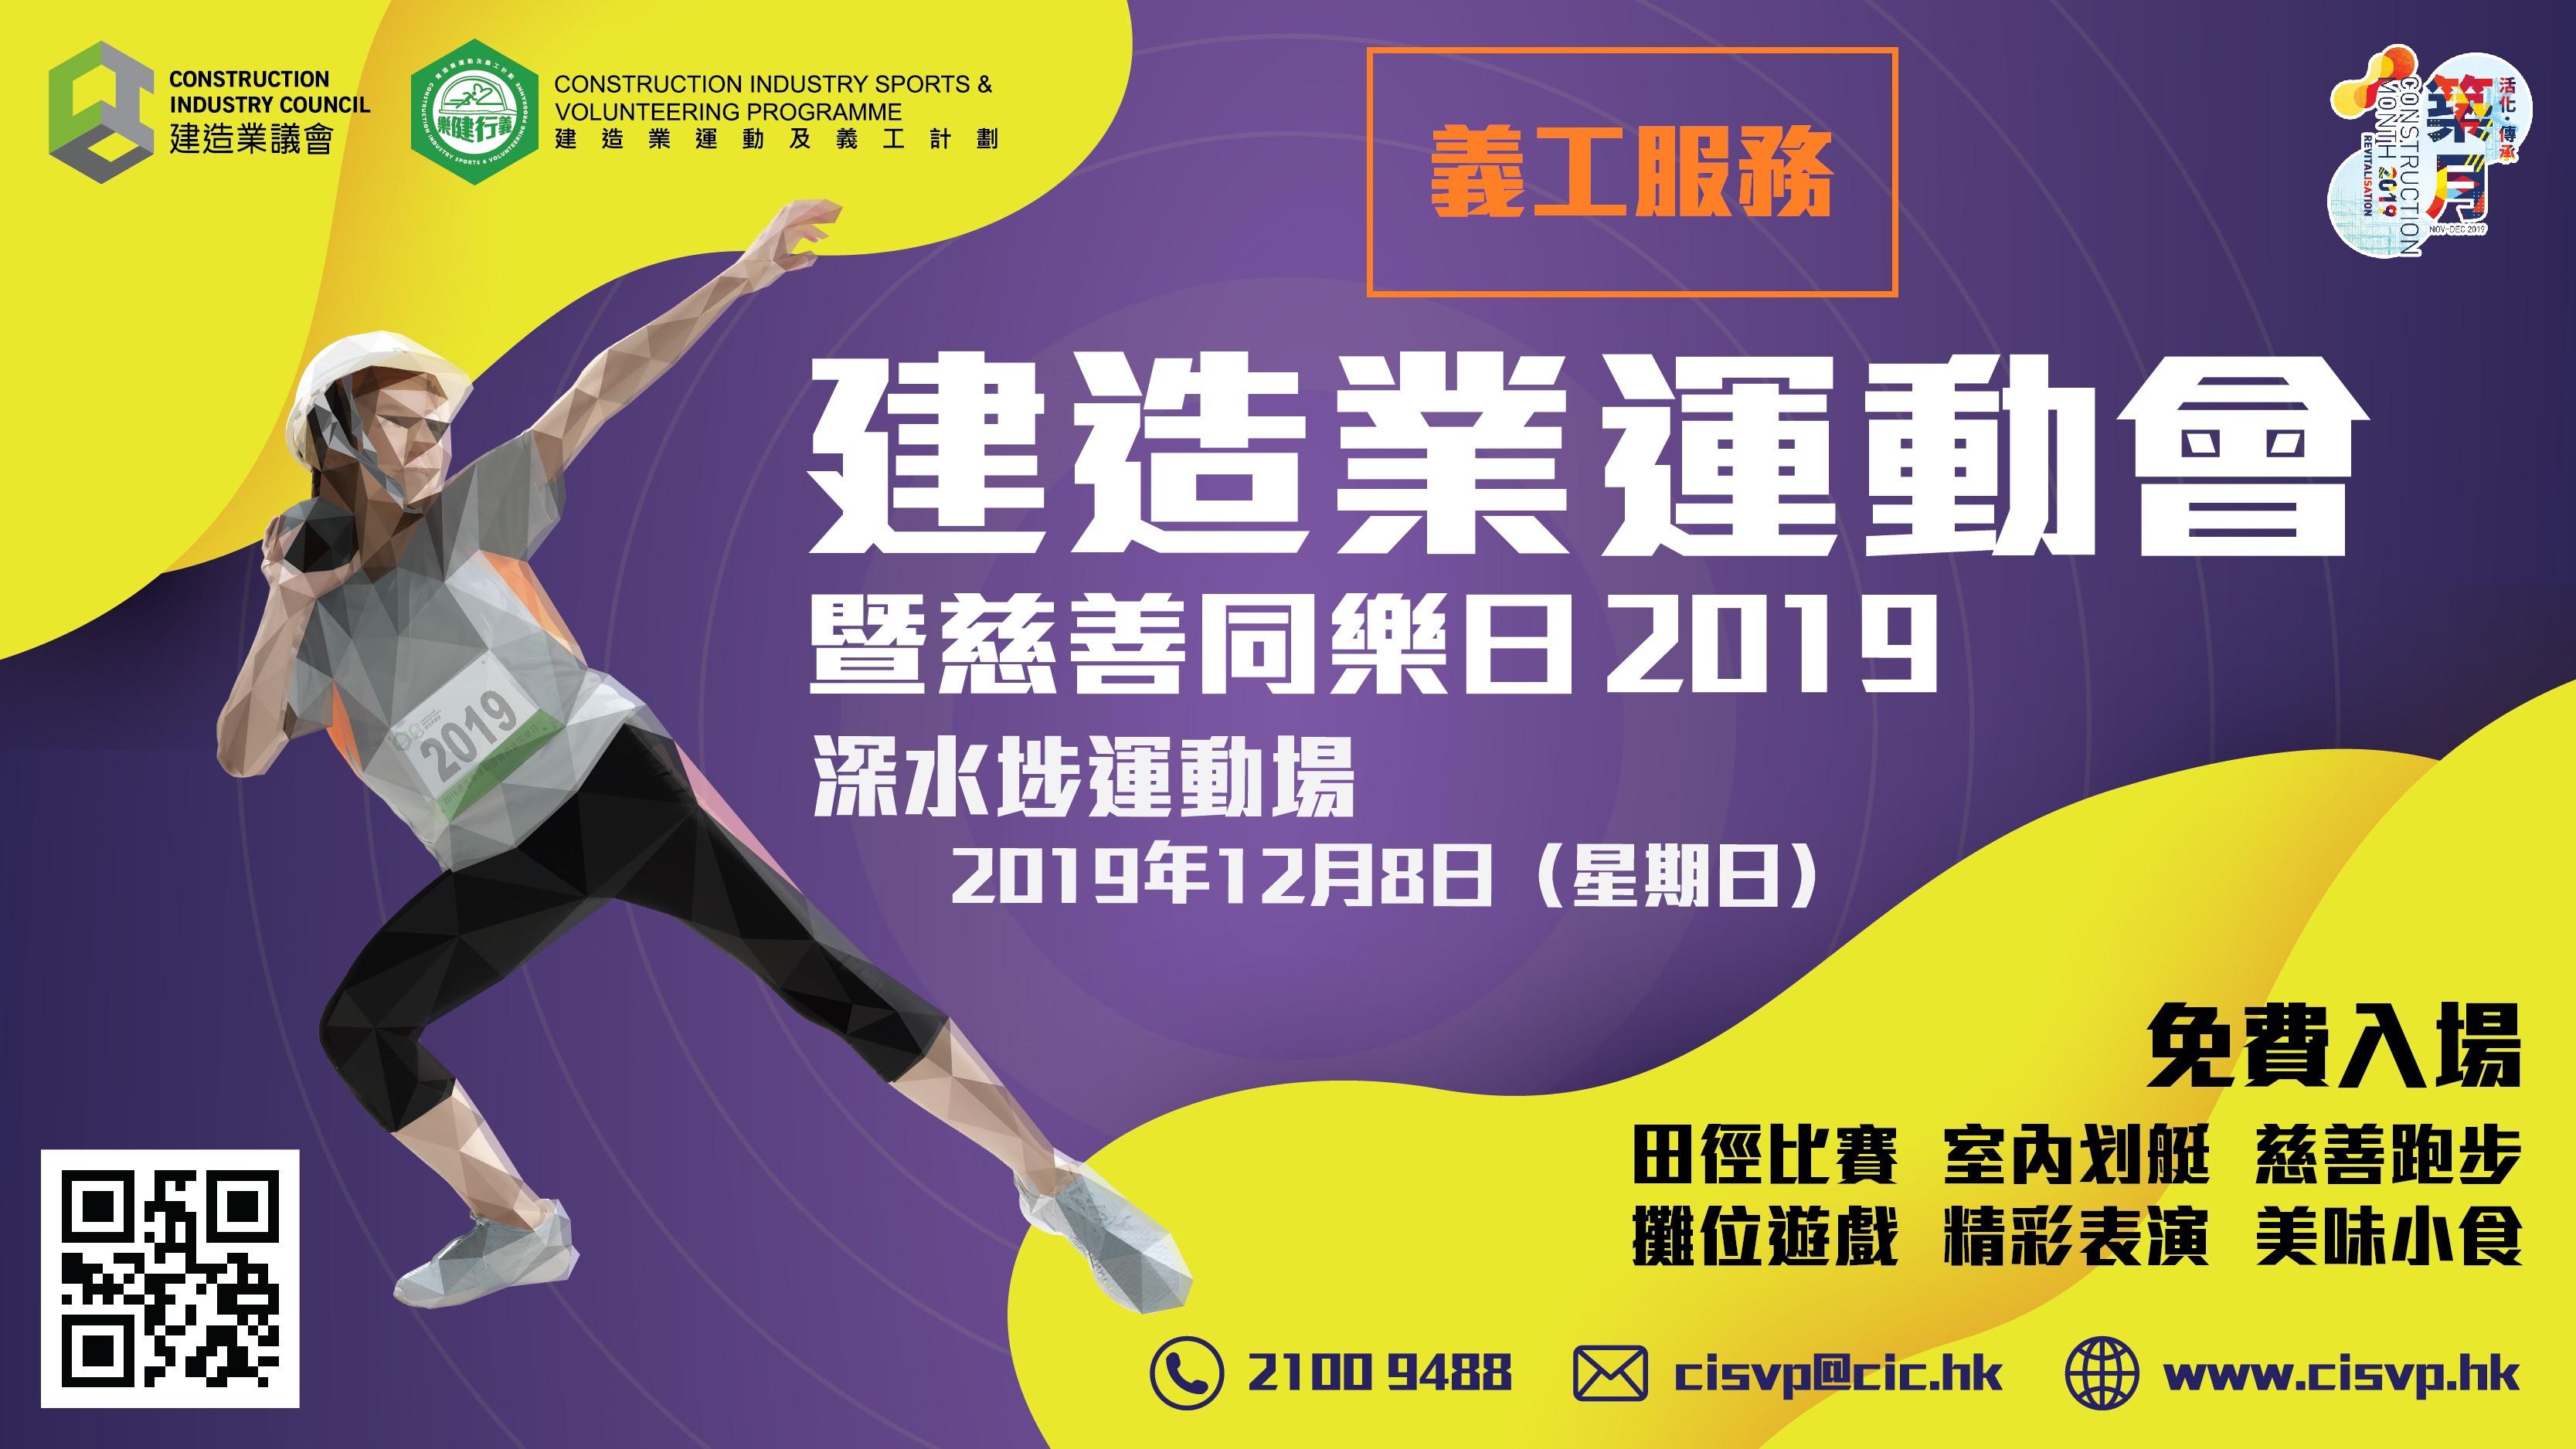 義工服務 - 建造業運動會暨慈善同樂日2019